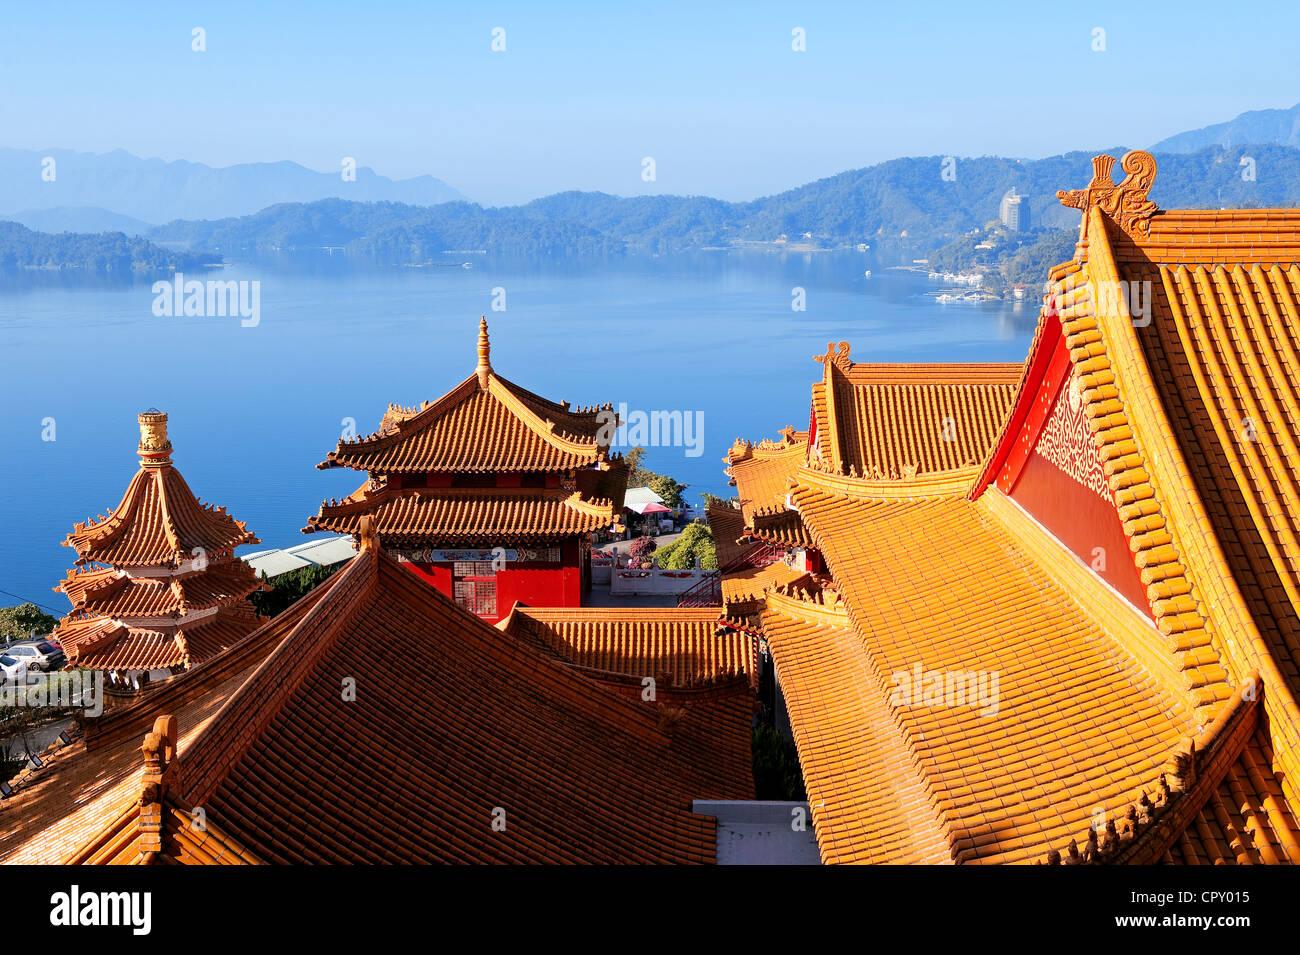 Taiwan, Nantou distretto, Sole Luna Regione del Lago, il Tempio di Confucio (Wenwu tempio) Immagini Stock